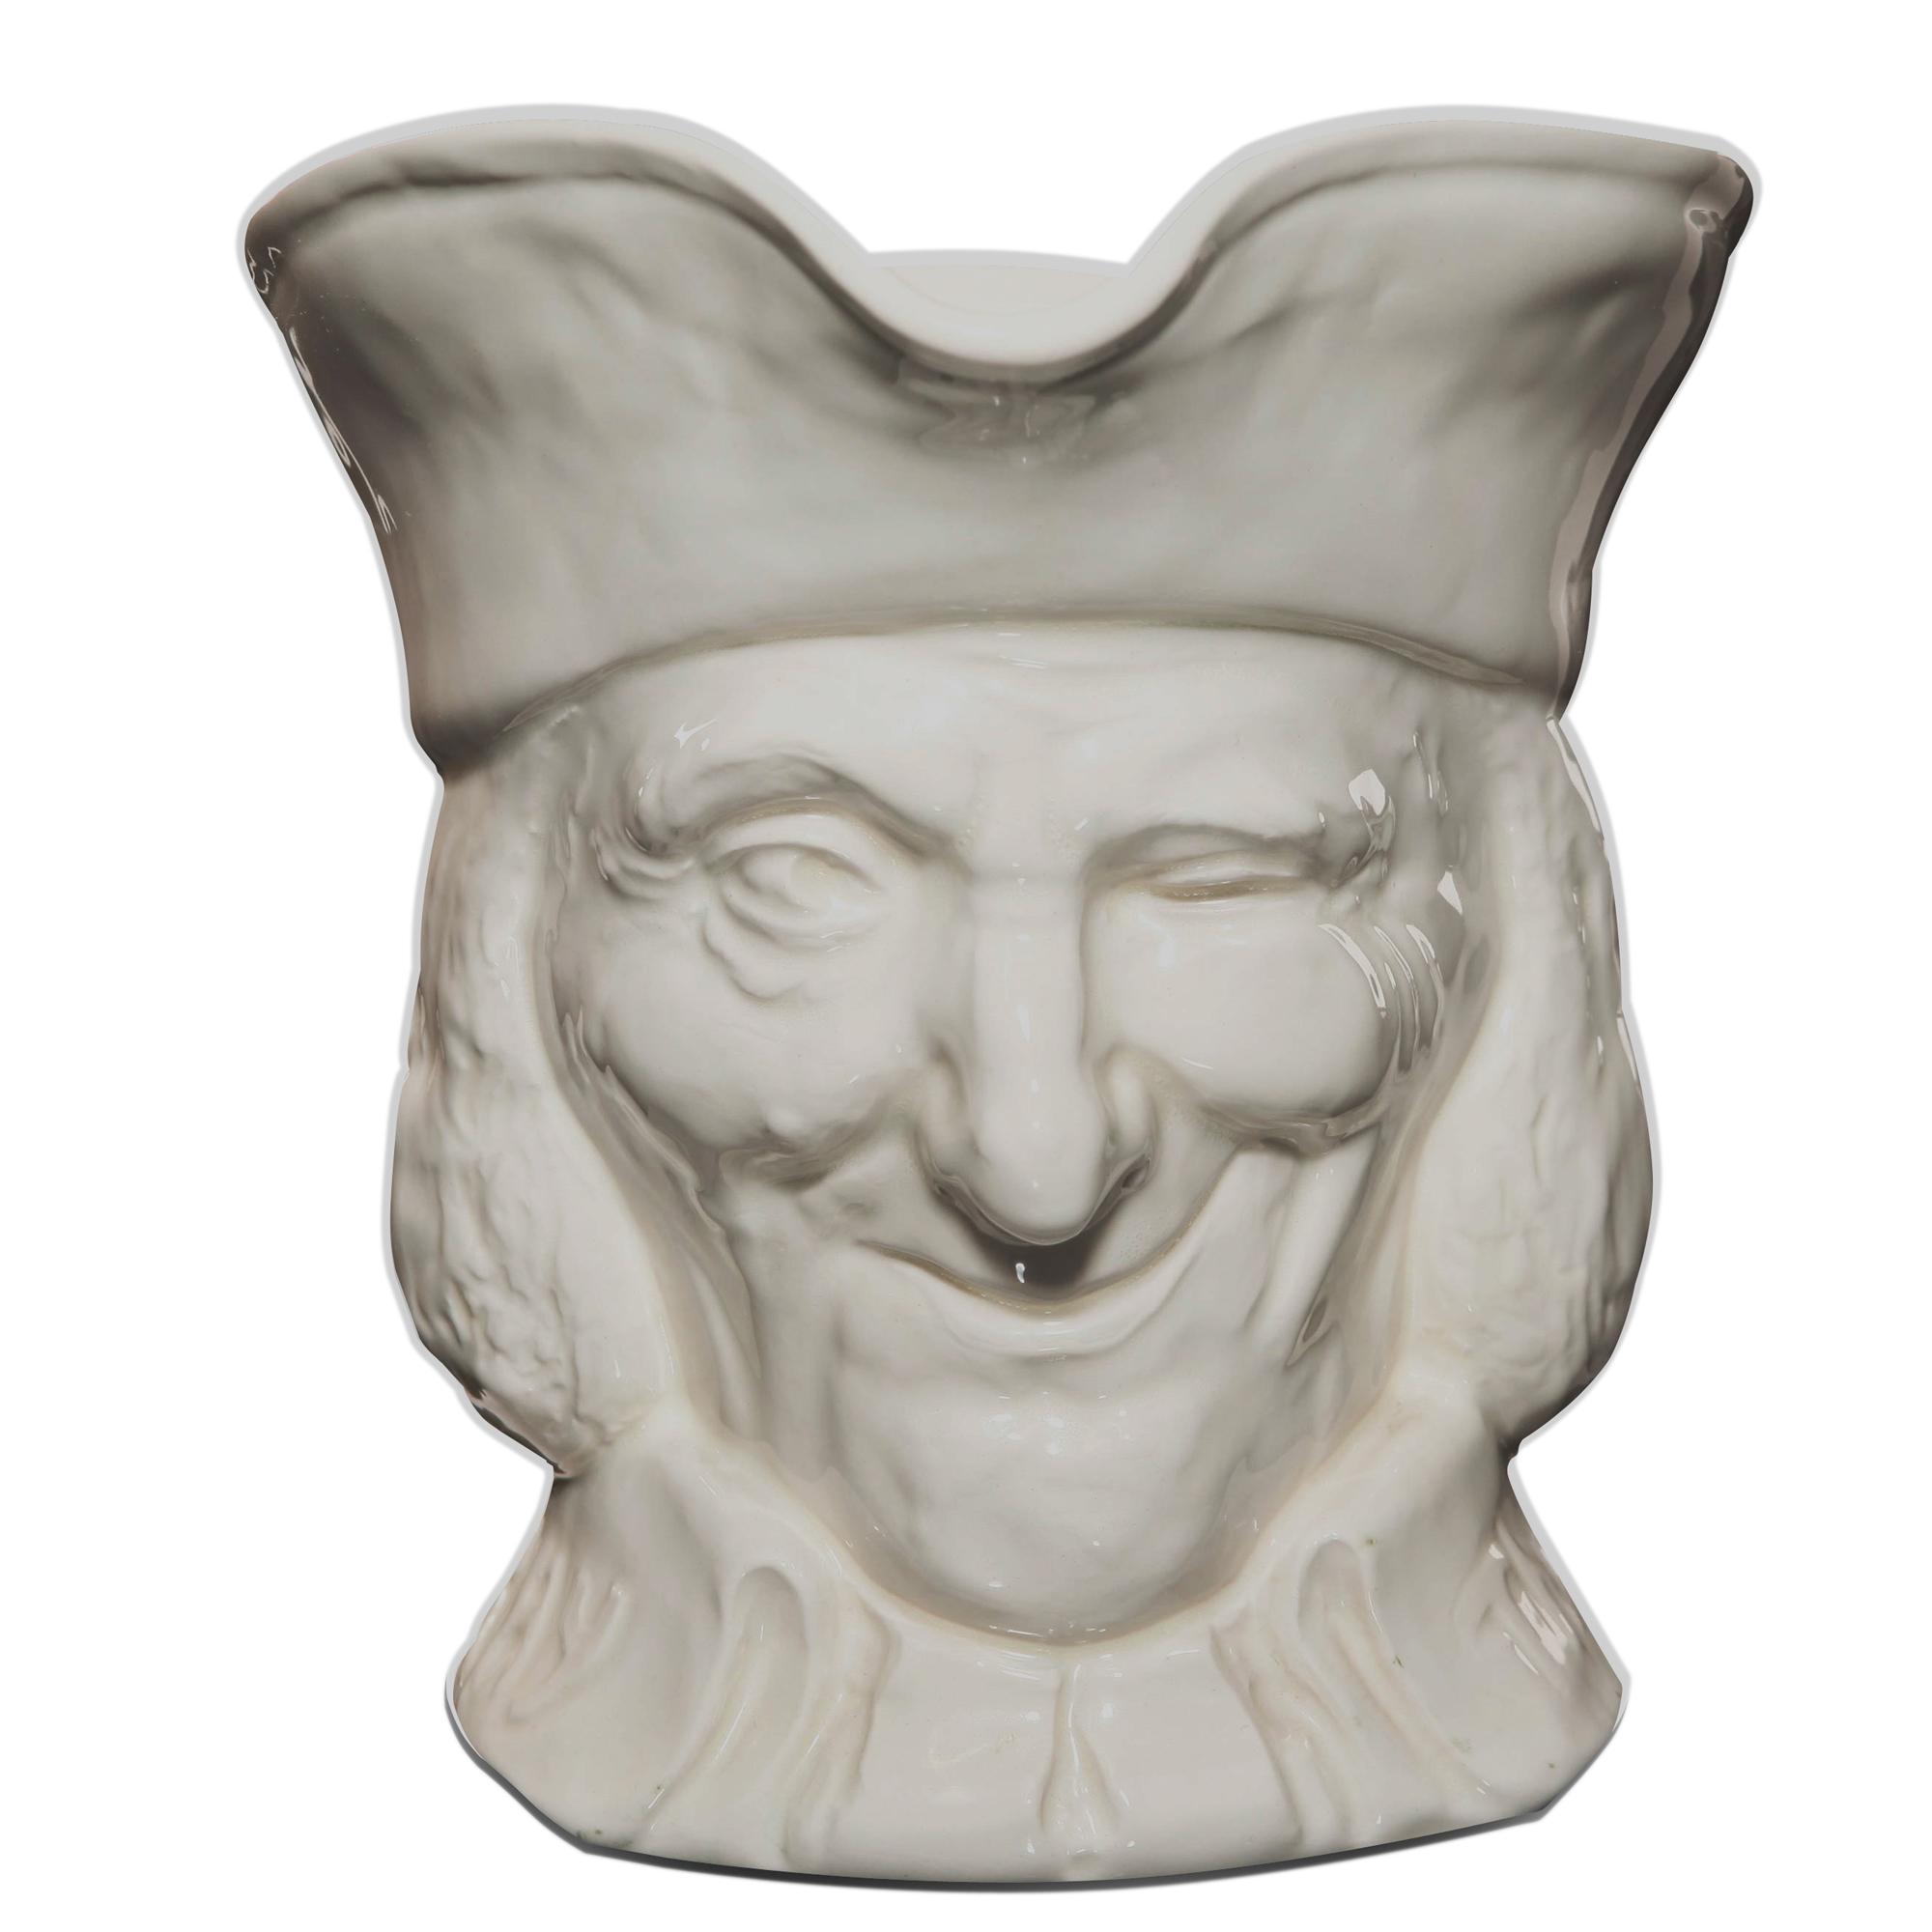 Vicar of Bray White D5615 - Large - Royal Doulton Character Jug